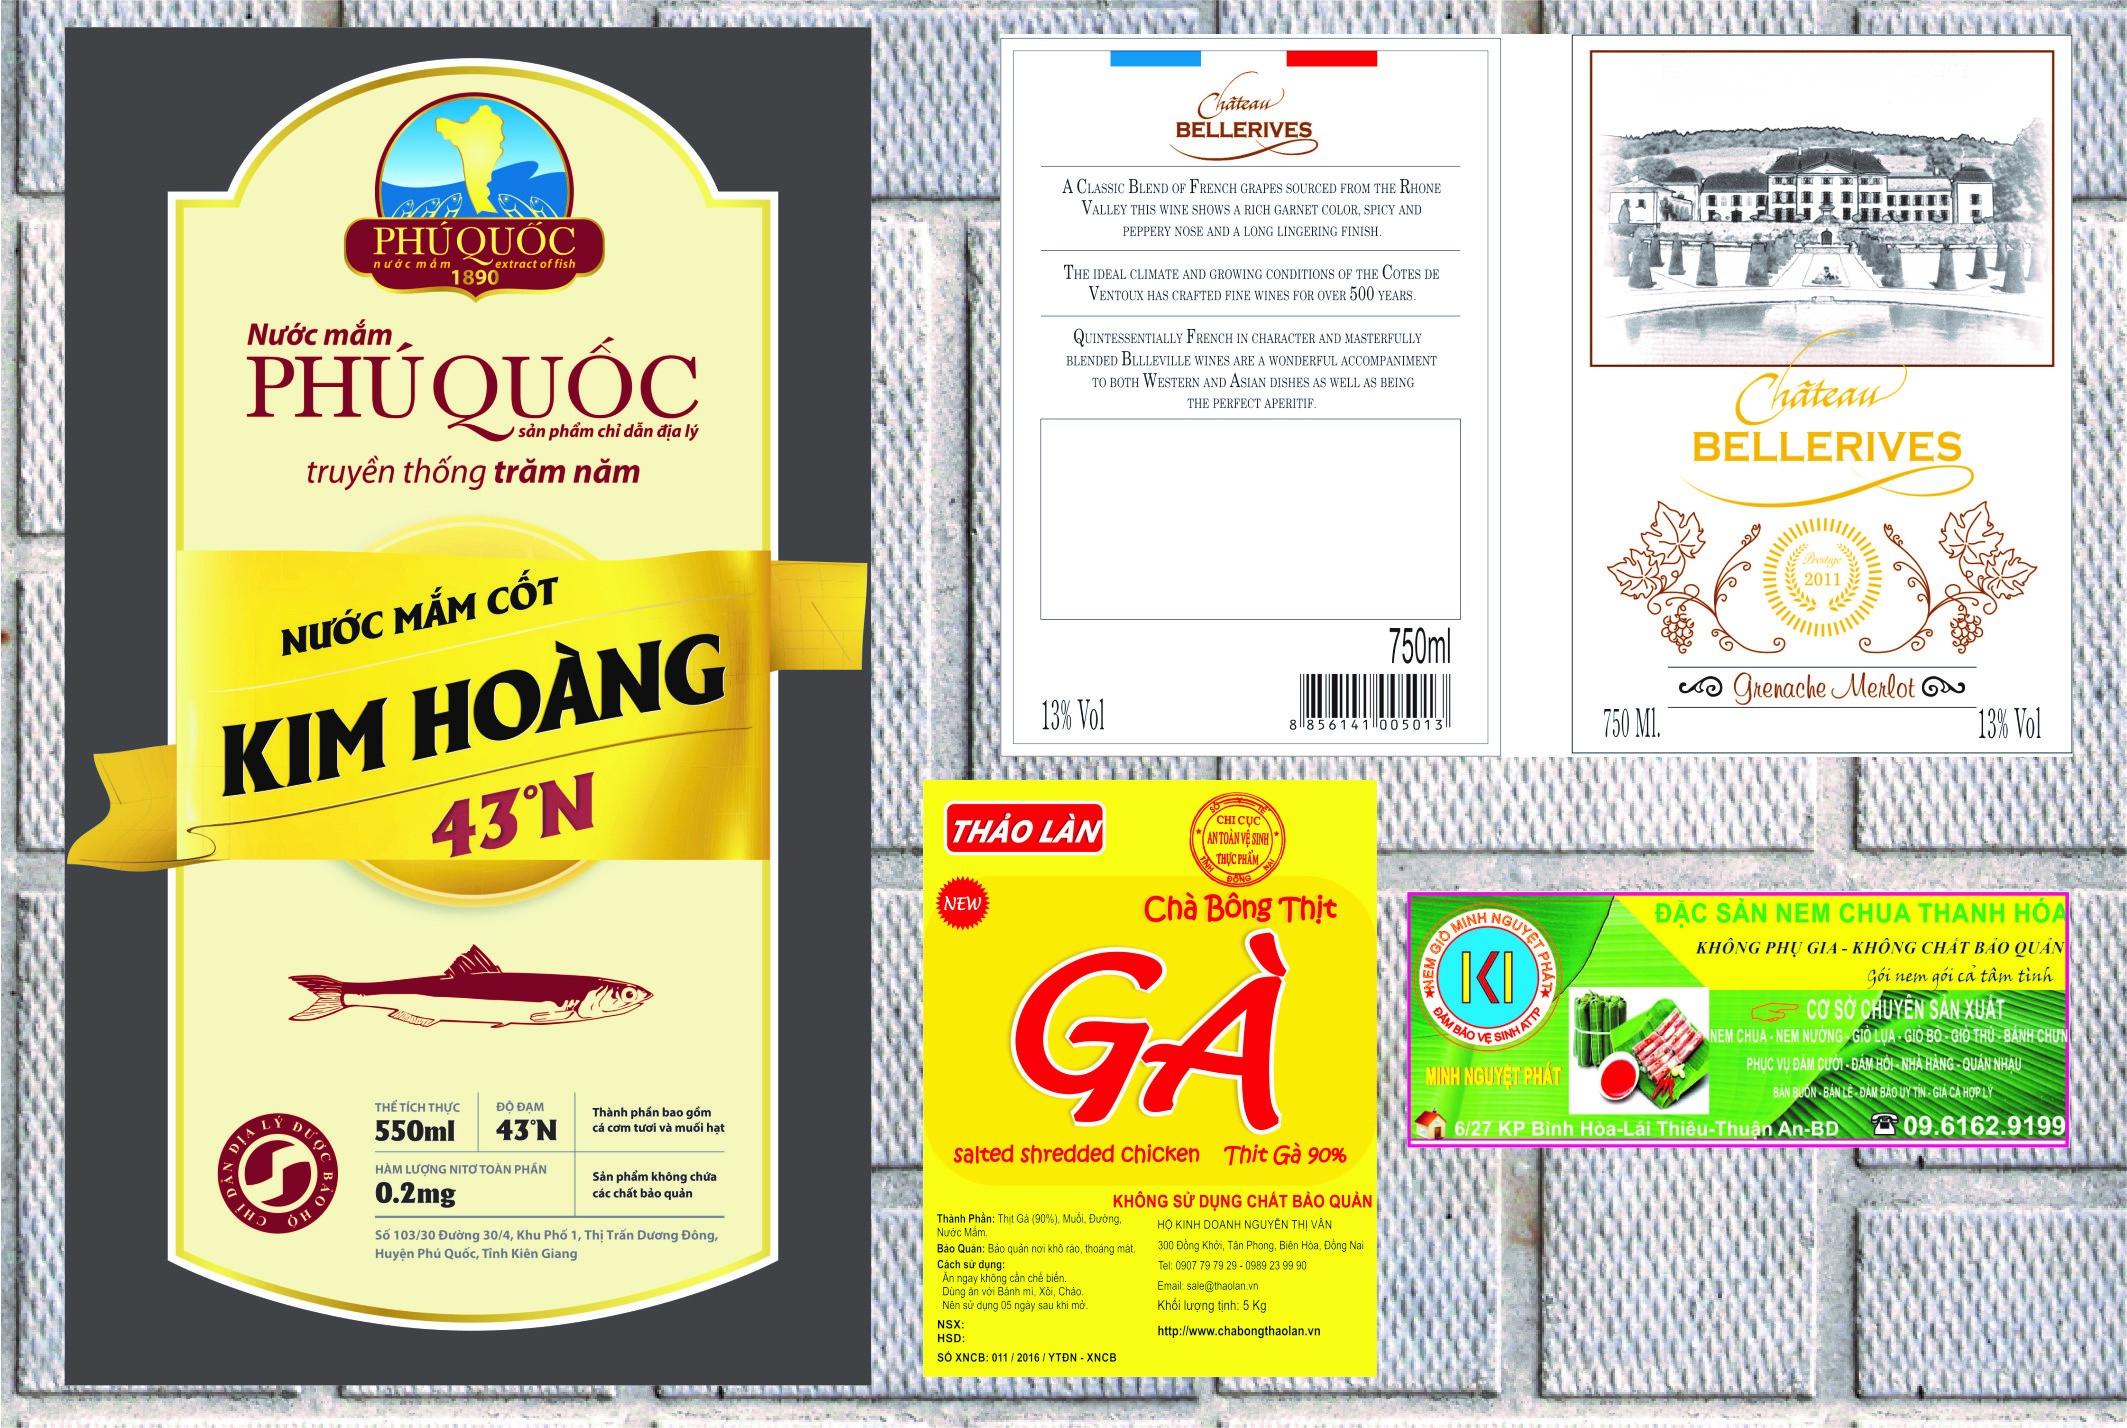 Ngôn ngữ in trên tem nhãn hàng hóa